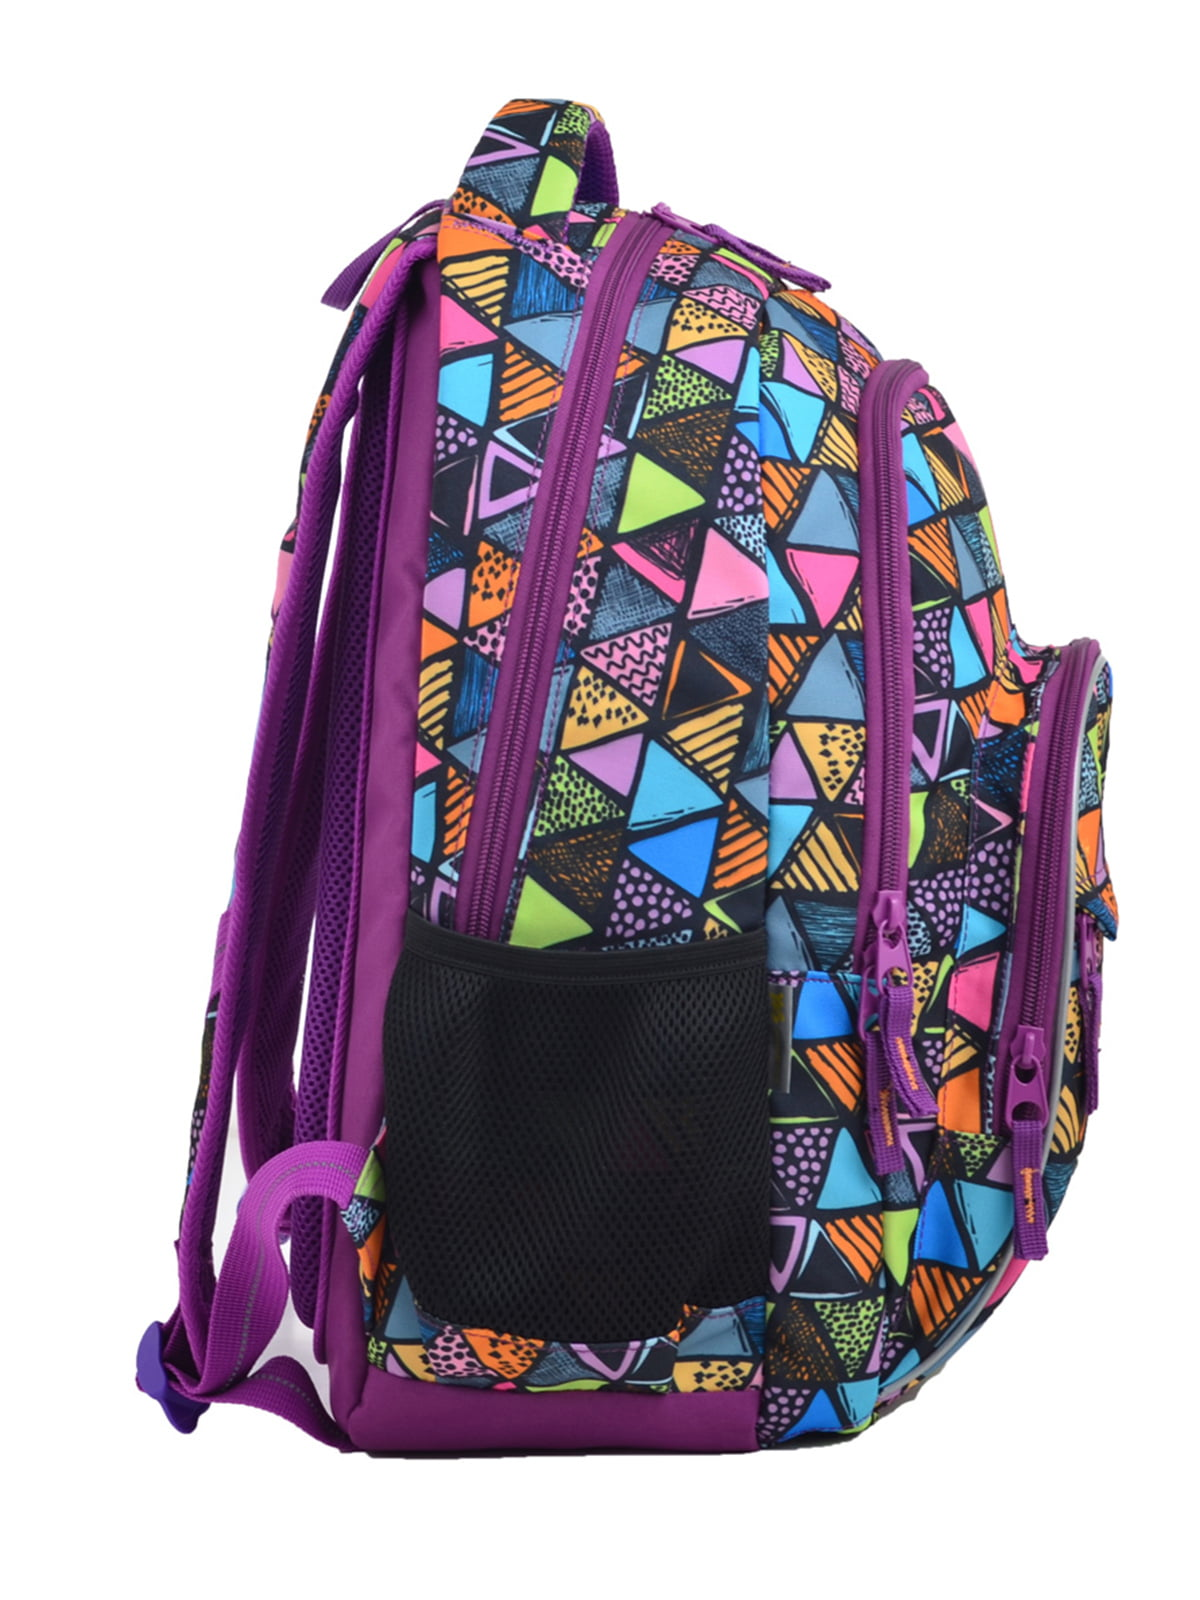 Рюкзак фіолетовий в принт   4235693   фото 2